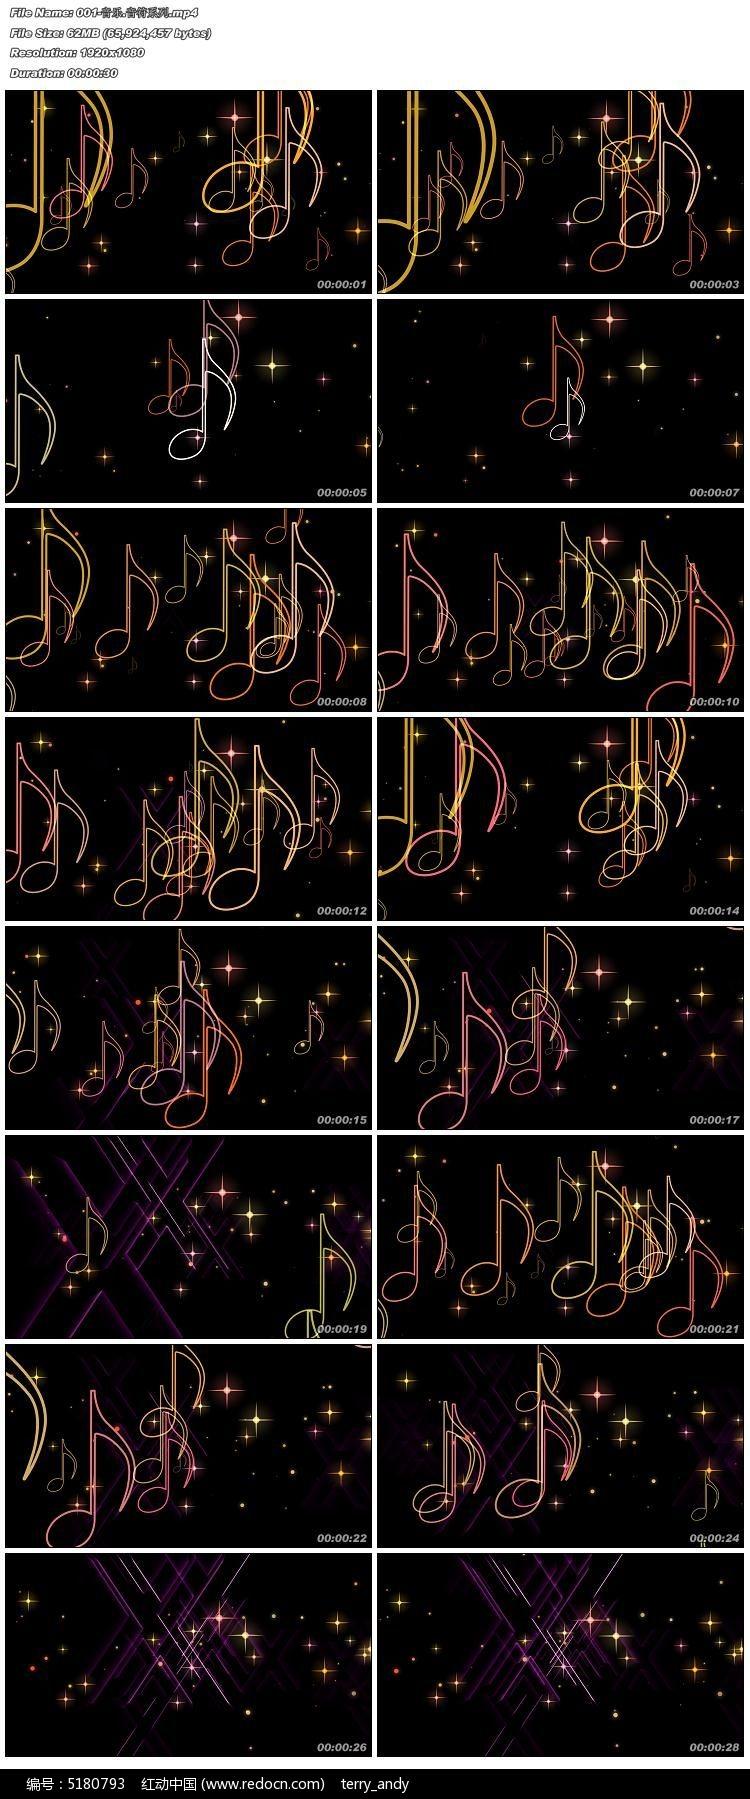 动感音乐音符视频背景素材